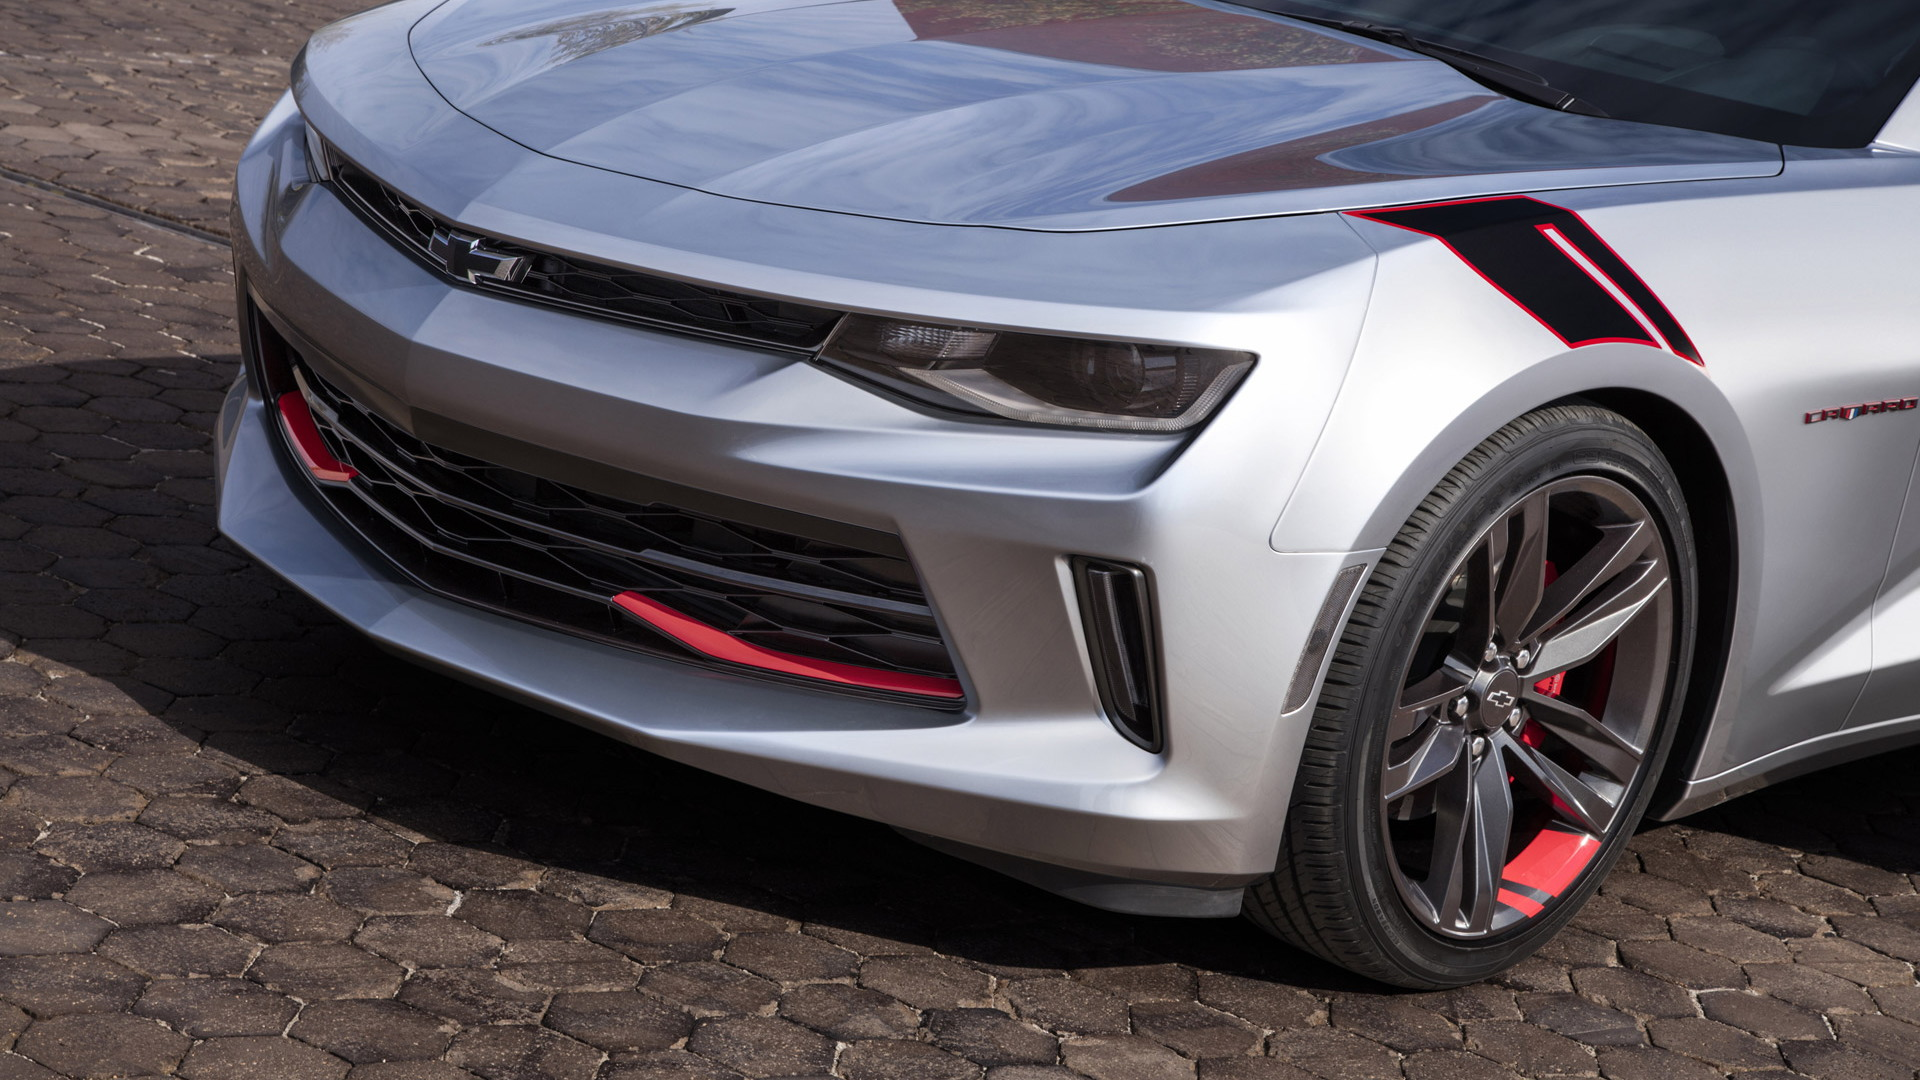 Chevrolet Camaro Red Line Series concept, 2015 SEMA show